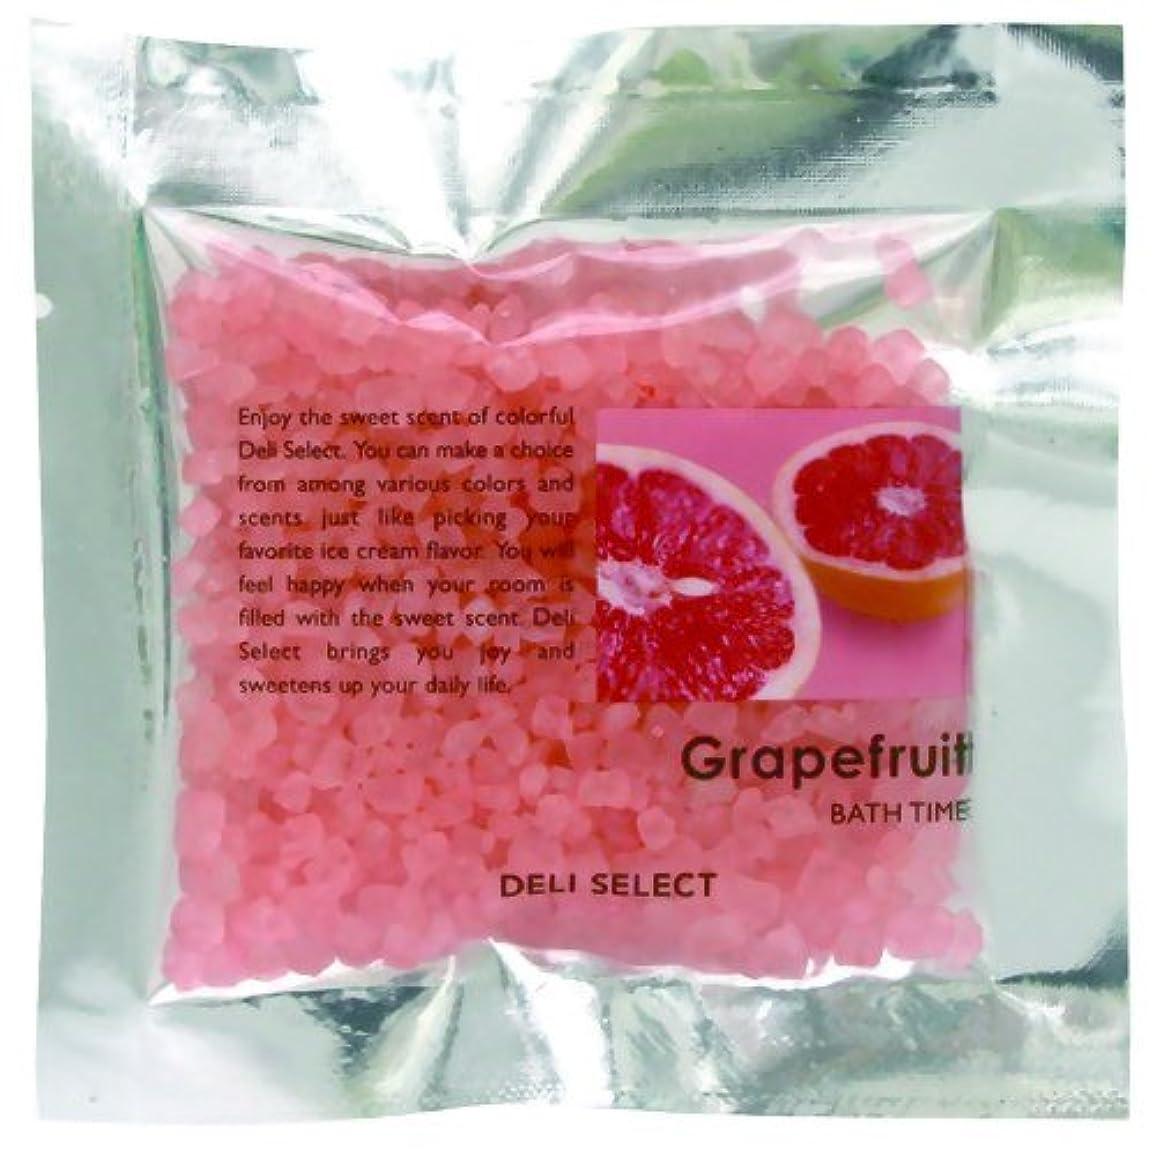 屋内アベニューパンチデリセレクト バスソルト分包 グレープフルーツ 30g